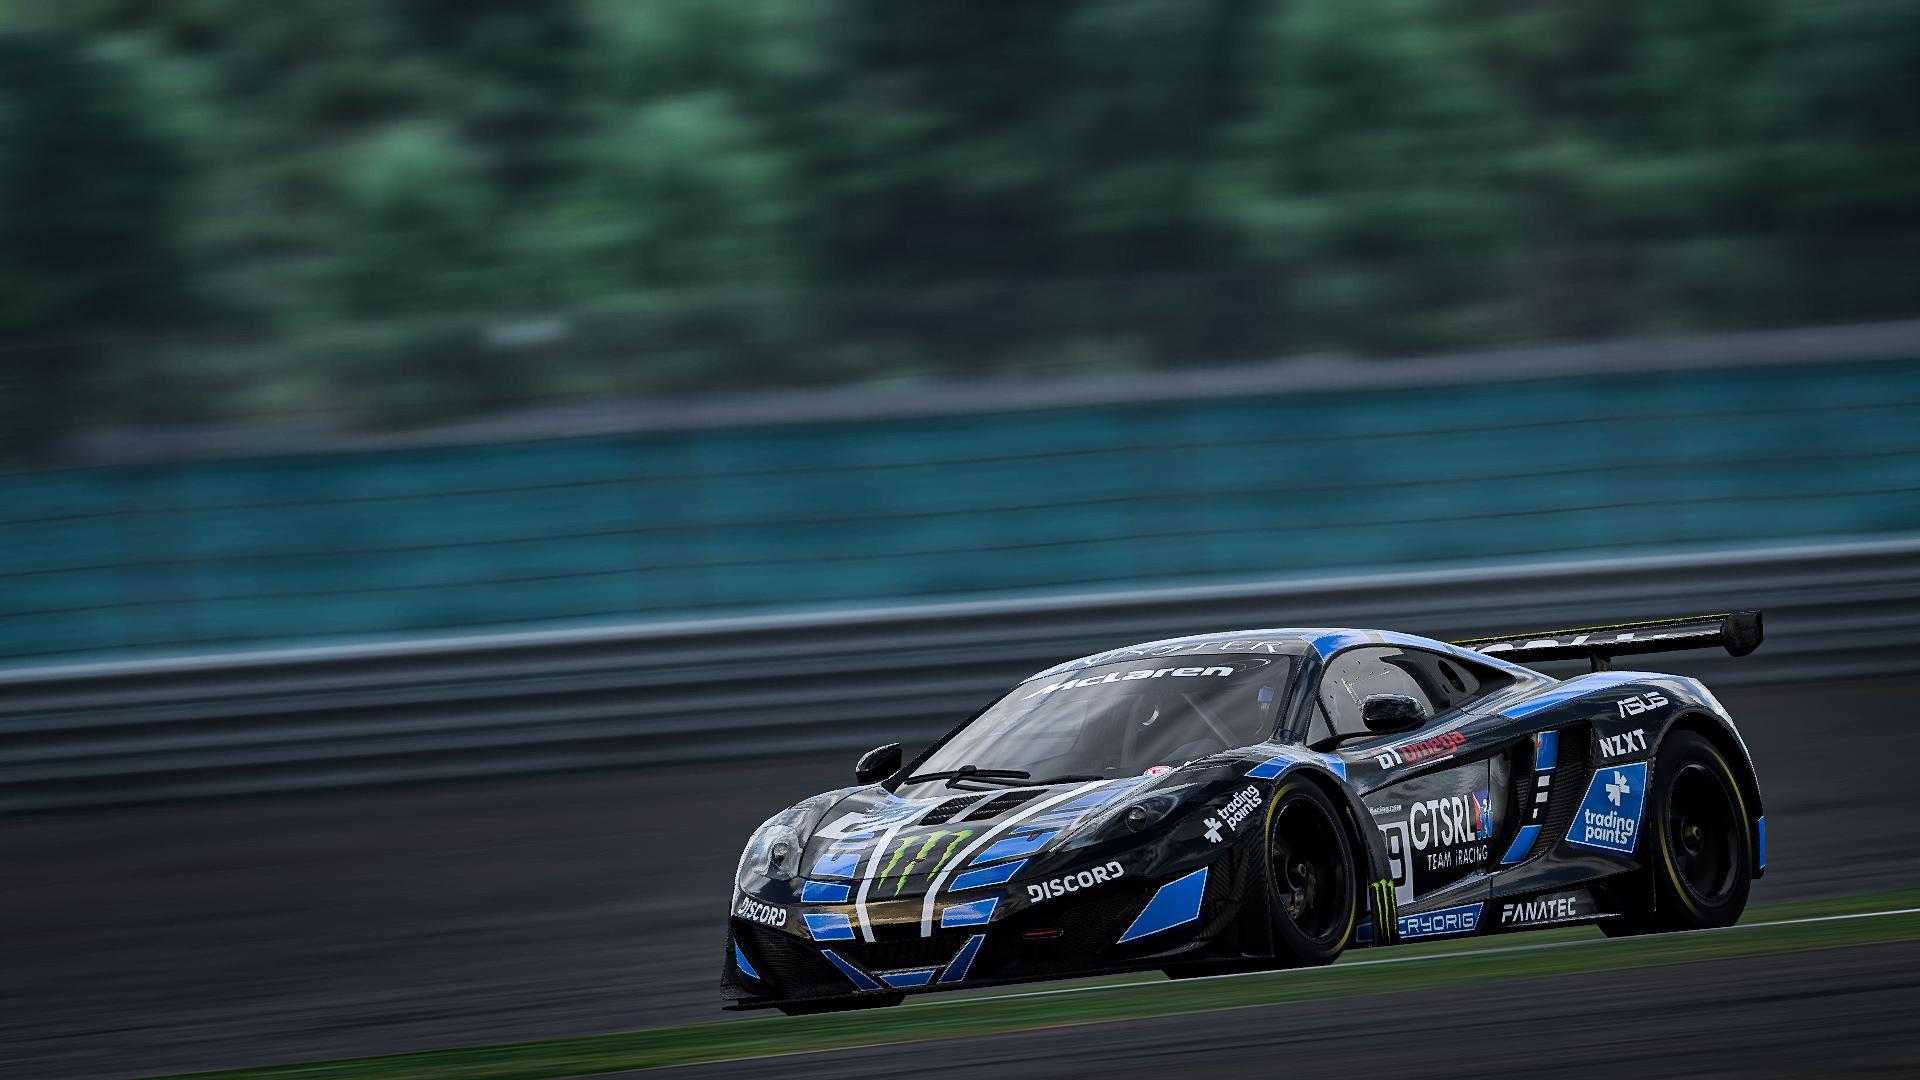 Preview of GTSRL McLaren MP4-12C GT3 by Vilda W.